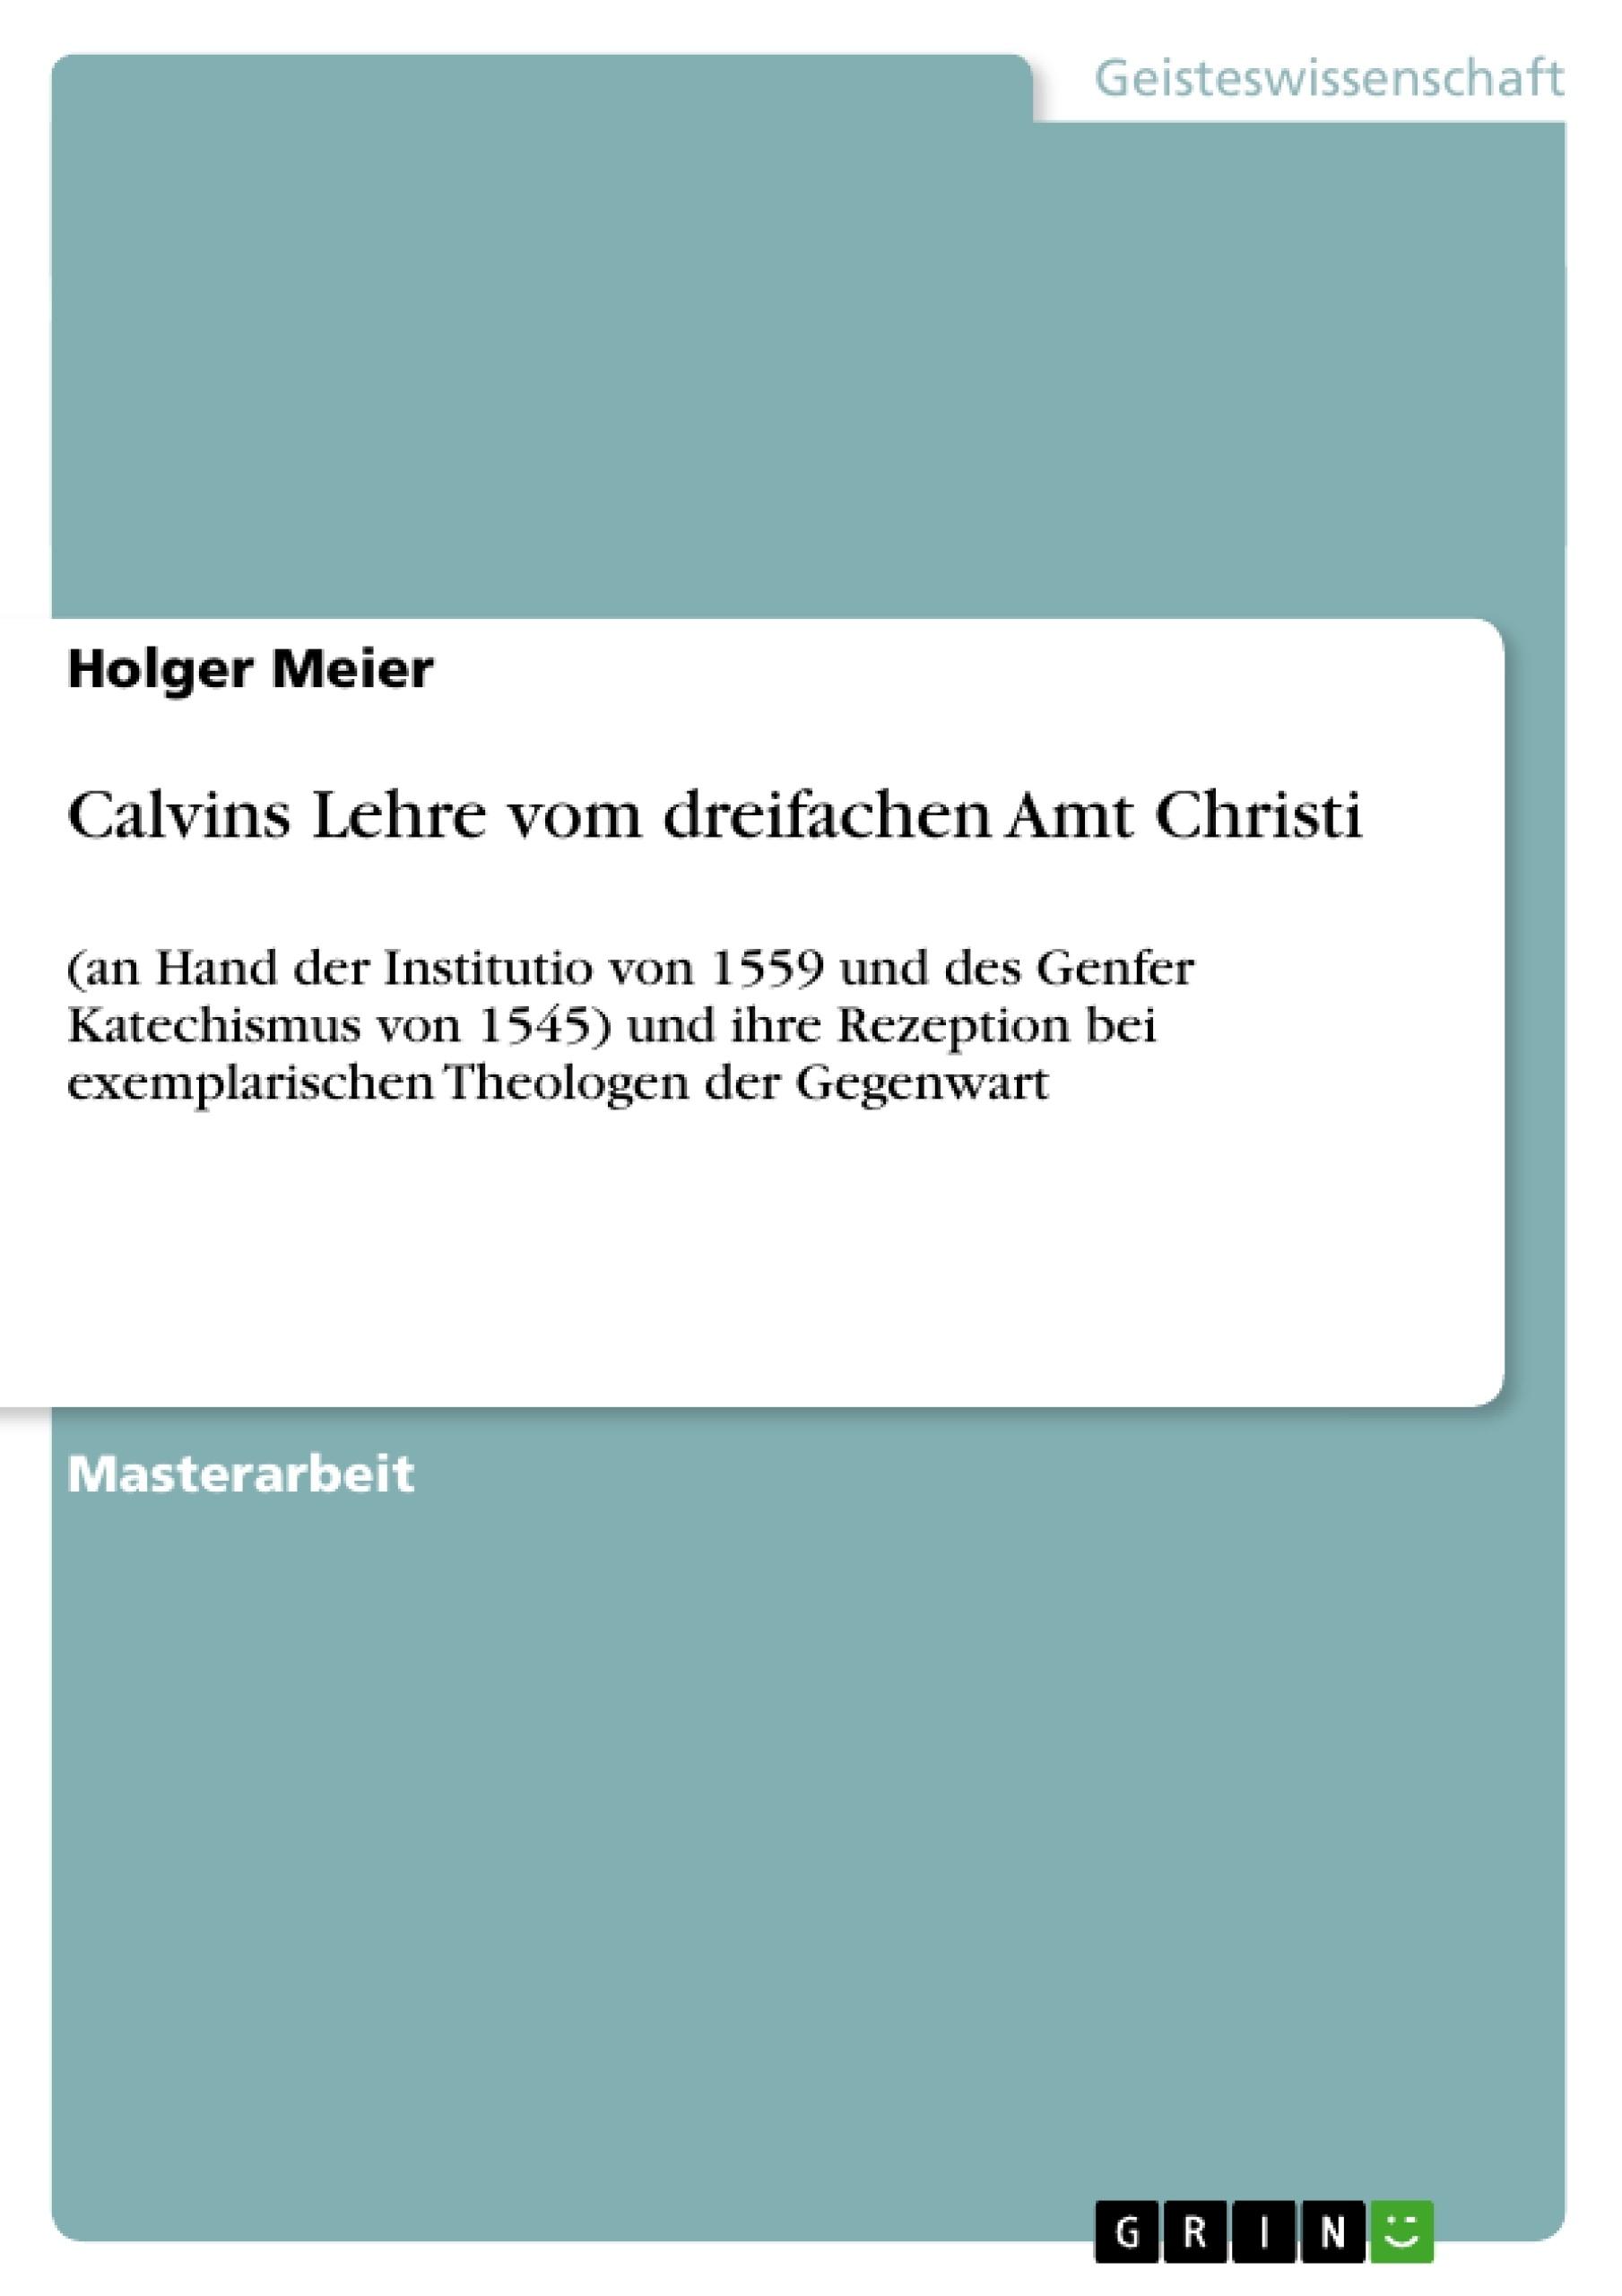 Titel: Calvins Lehre vom dreifachen Amt Christi